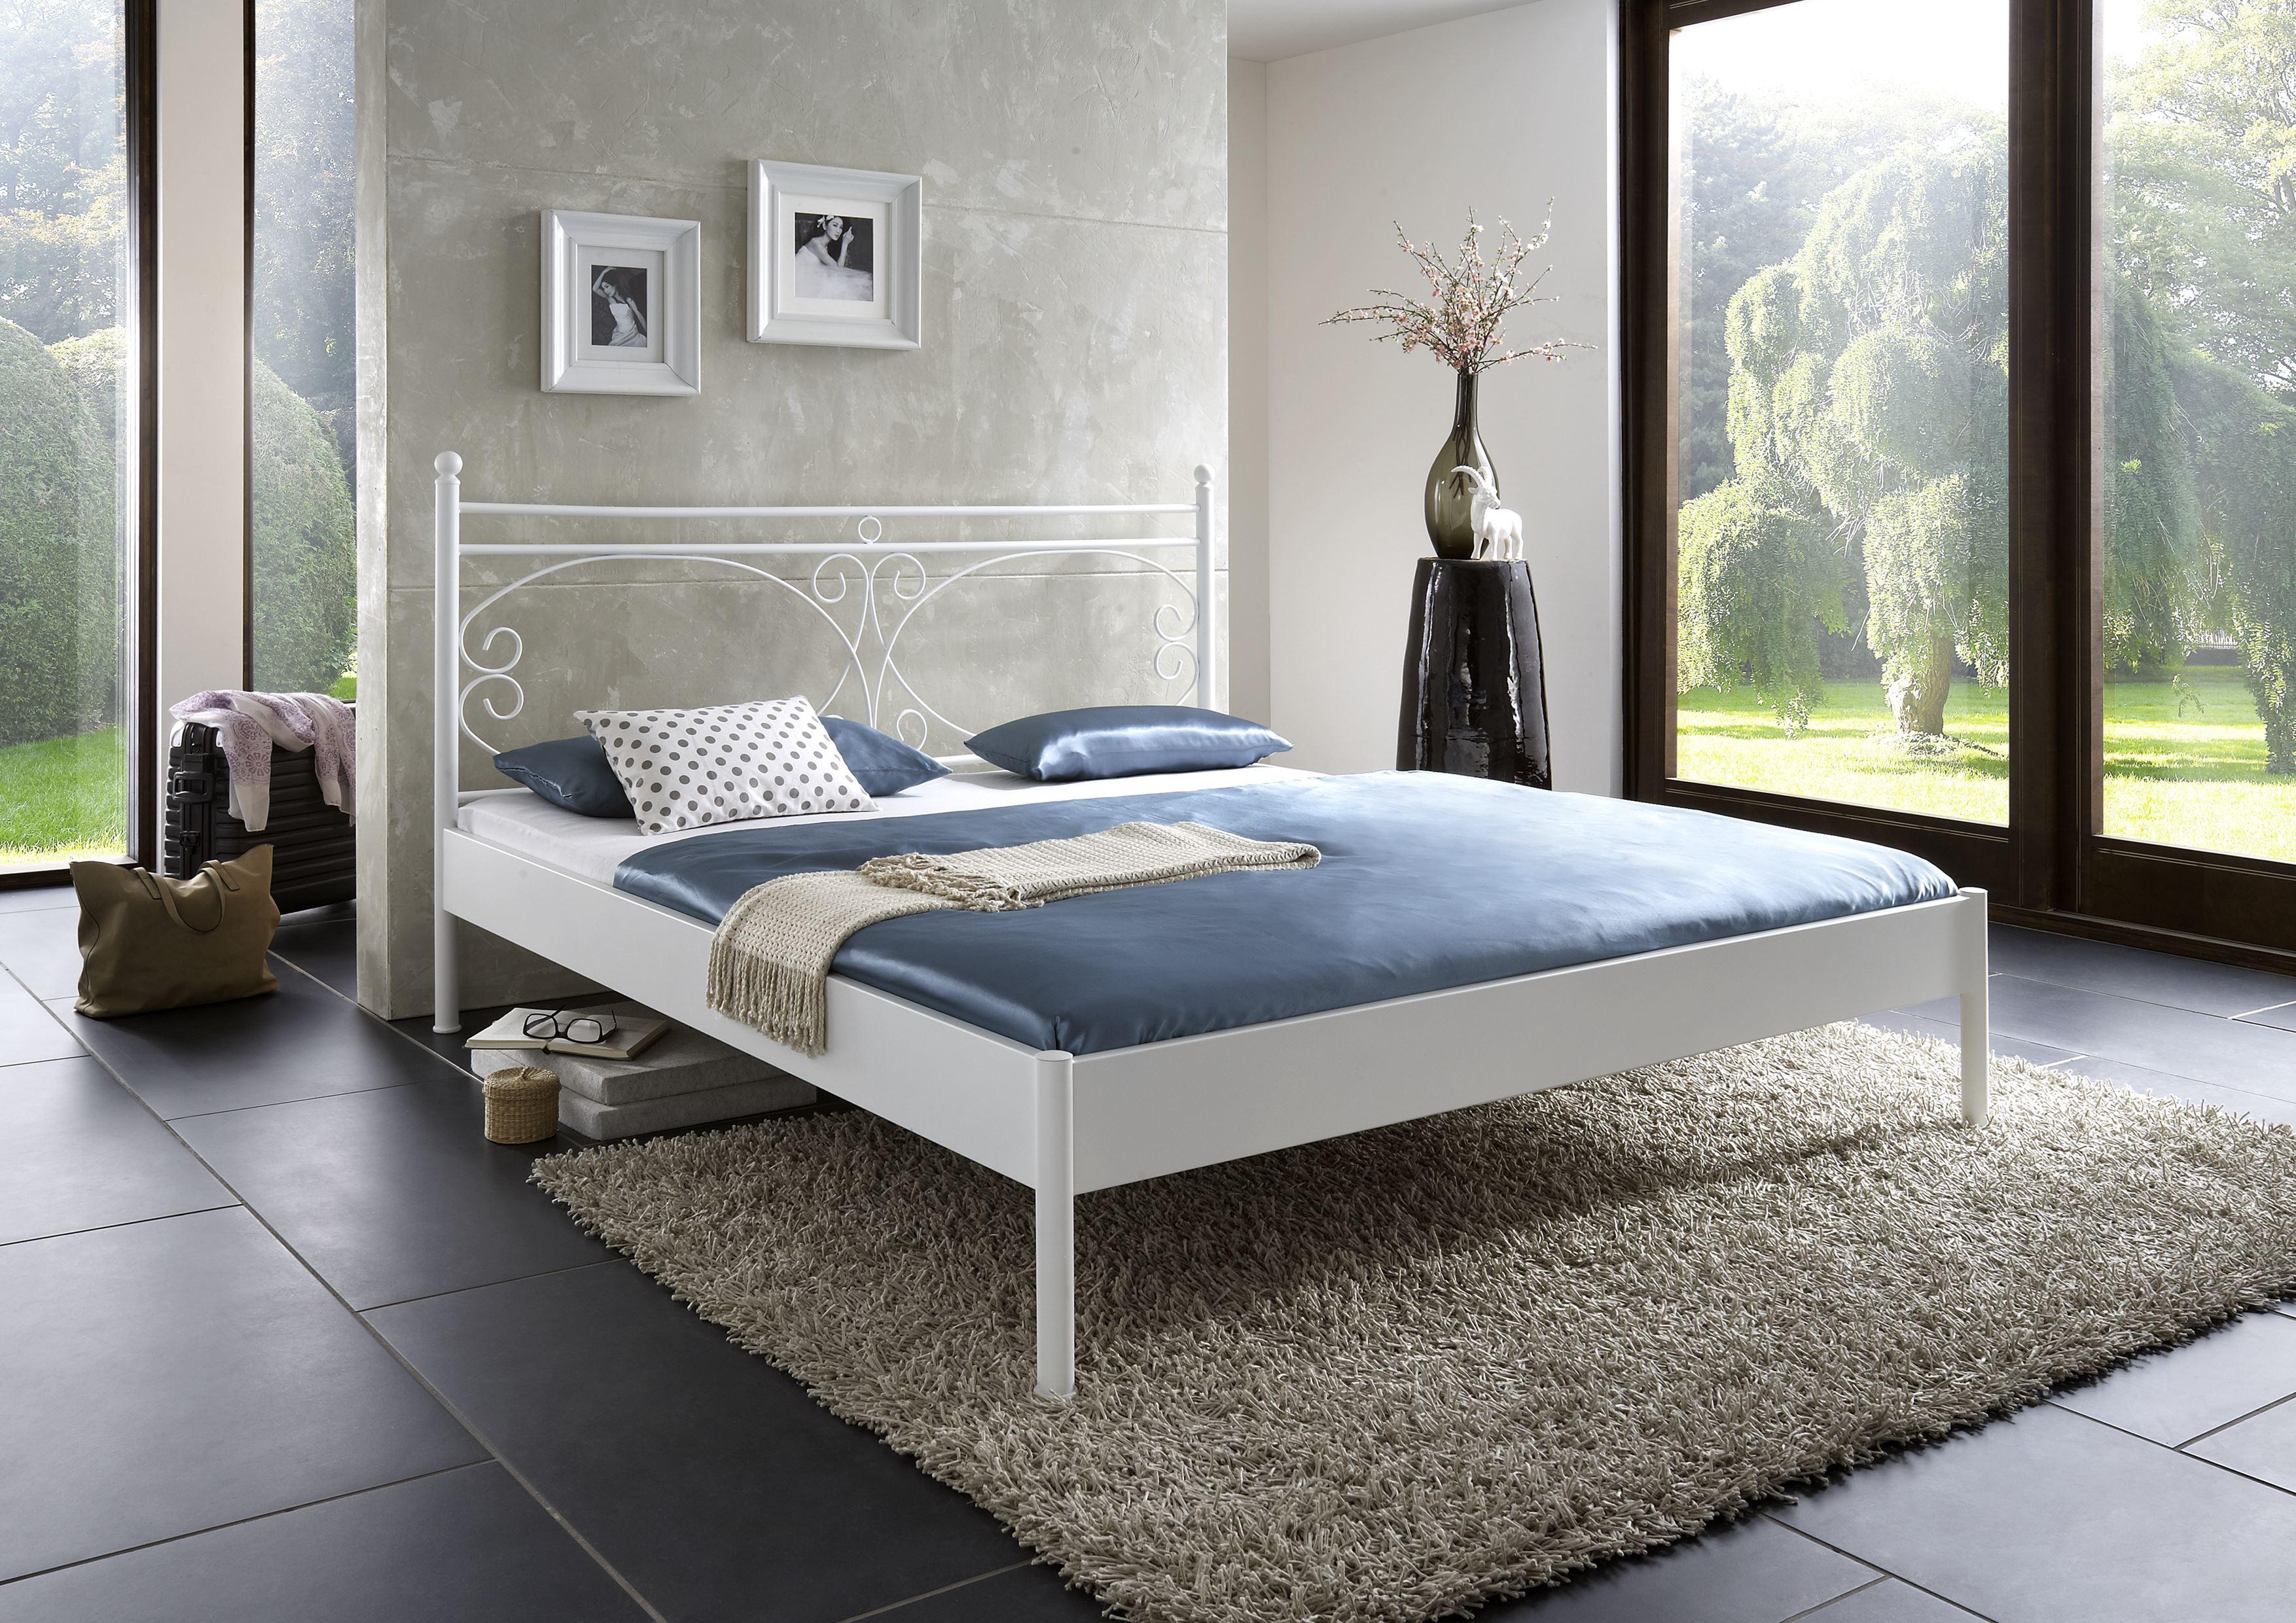 Goedkoop Metalen Bed.Metalen Bed Messina Dico Slaapkamerweb